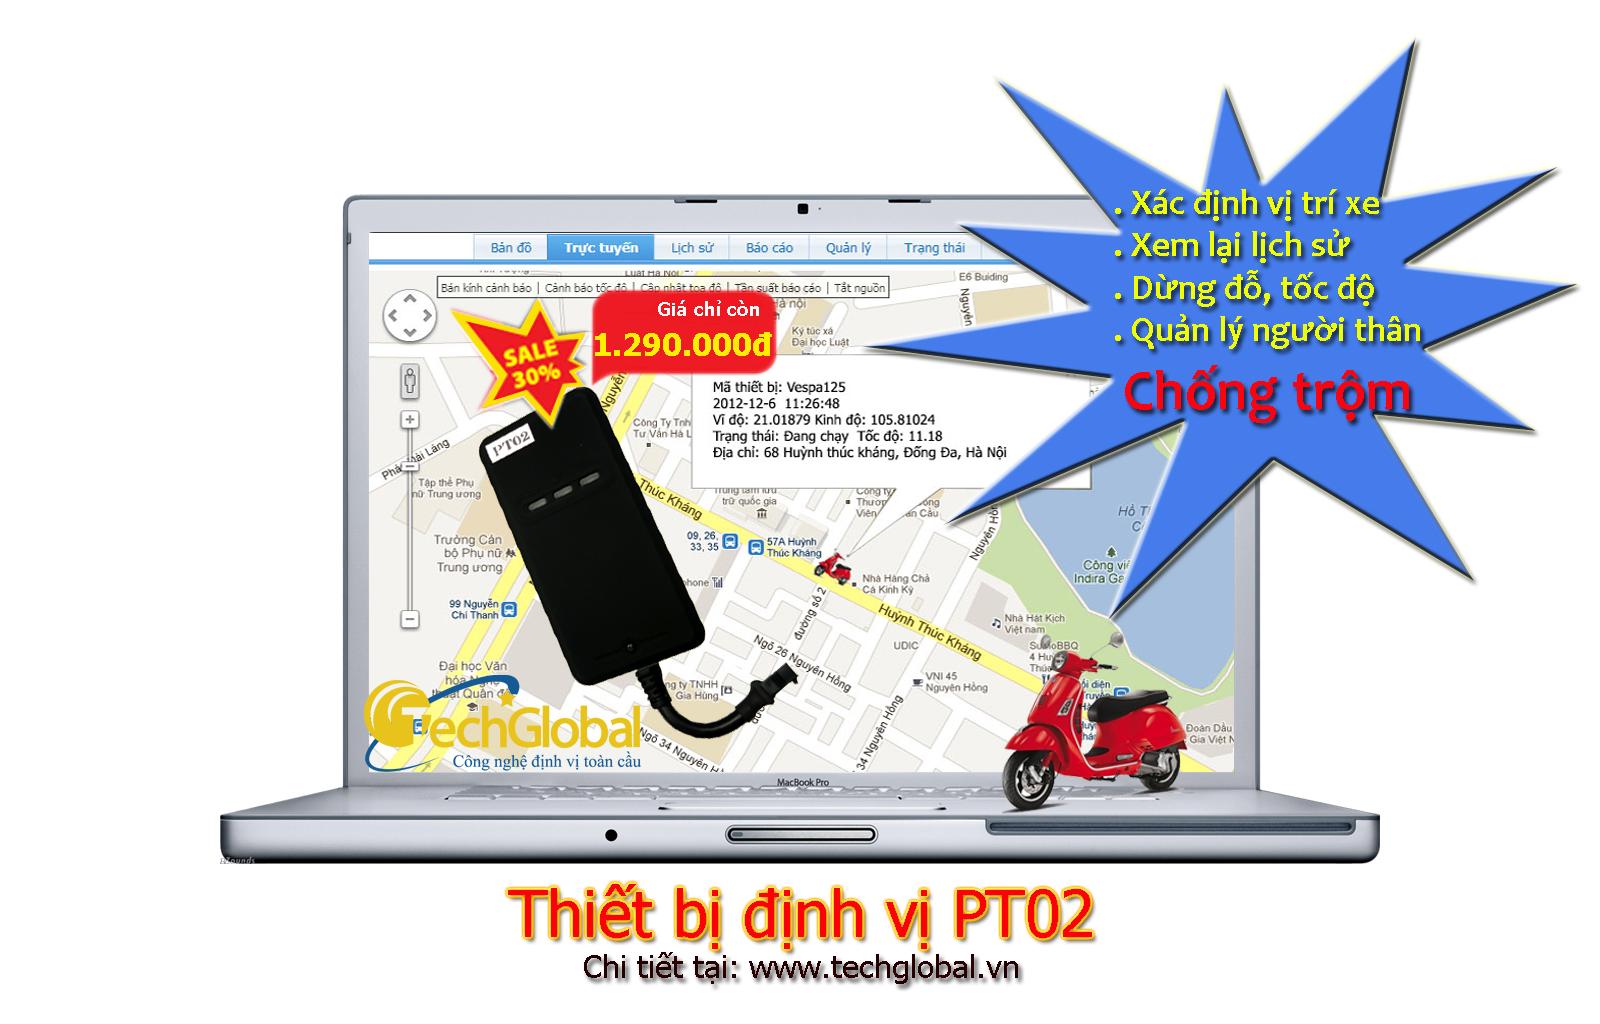 Techglobal Giảm giá thiết bị định vị xe máy từ 01/01/2013